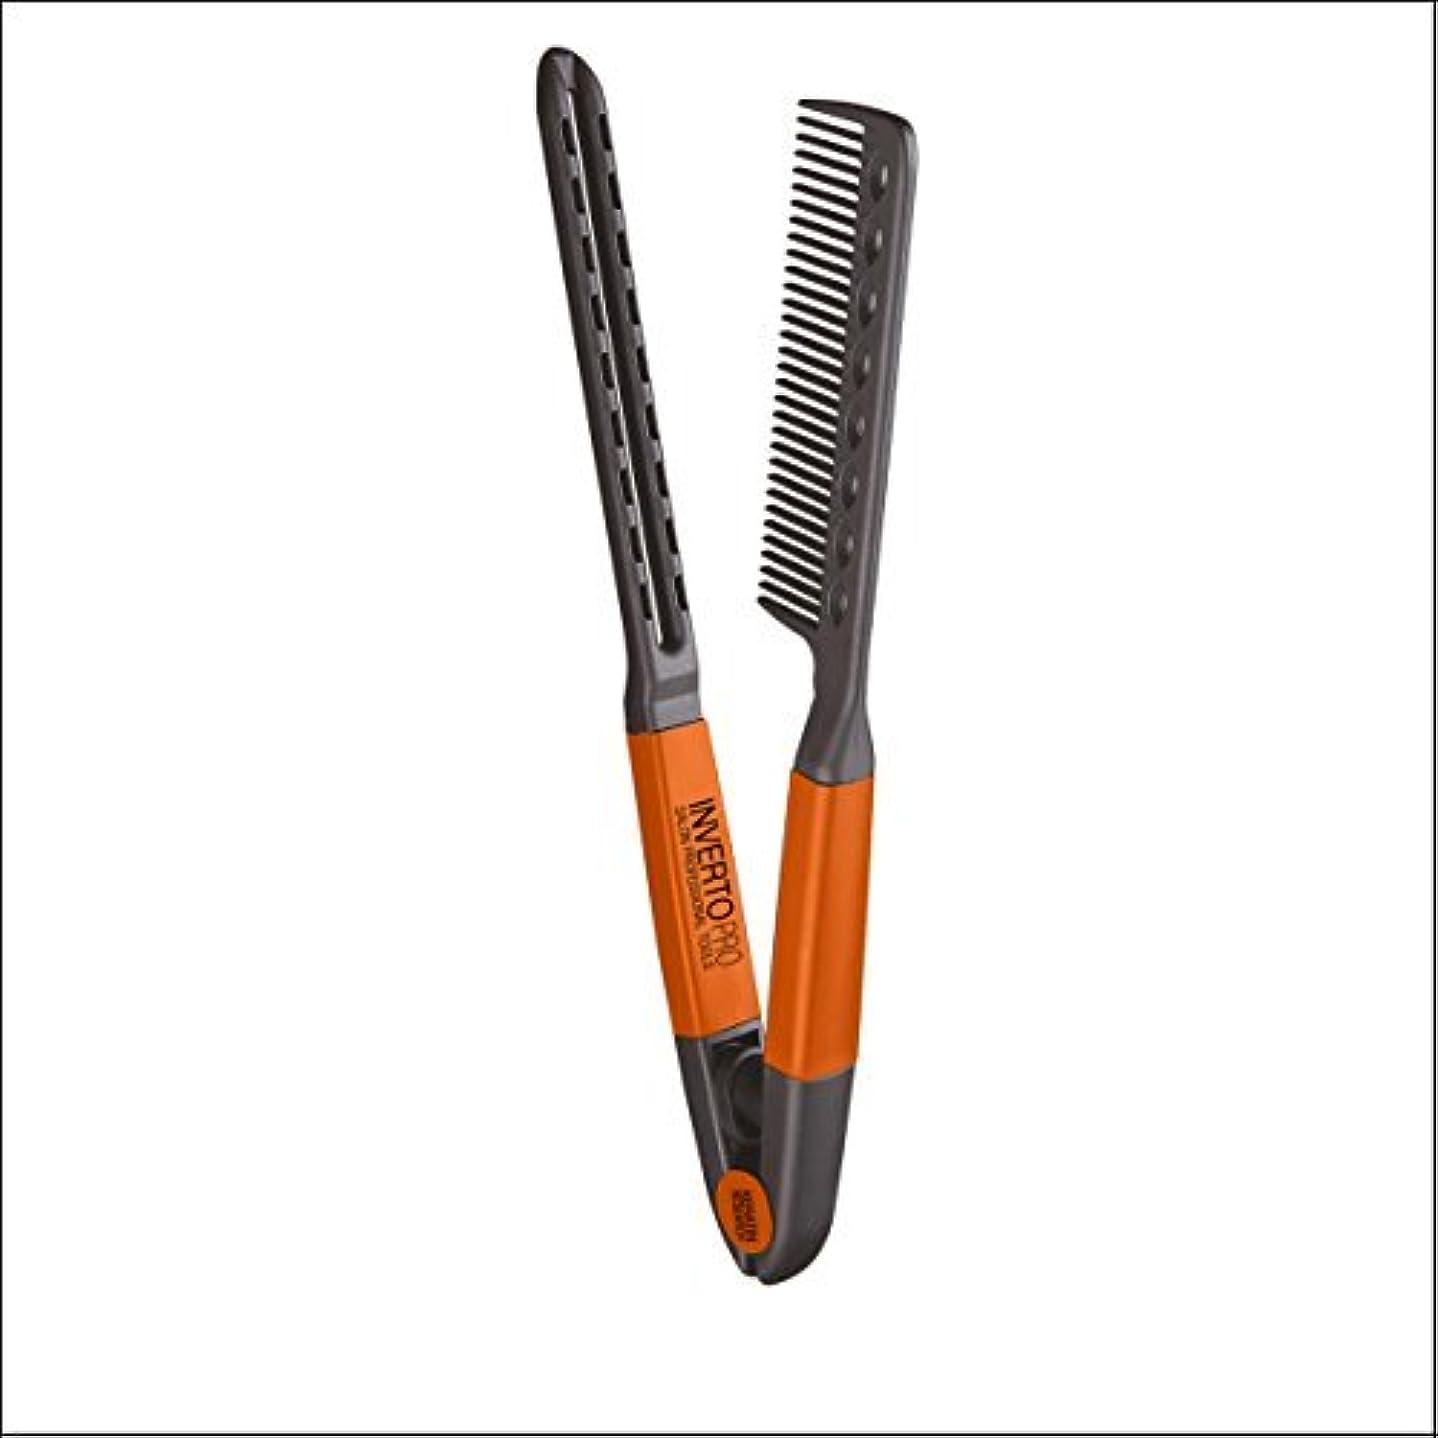 問い合わせる勝者化学者Easy Comb for Brazilian Keratin Hair Treatment and Straightening [並行輸入品]